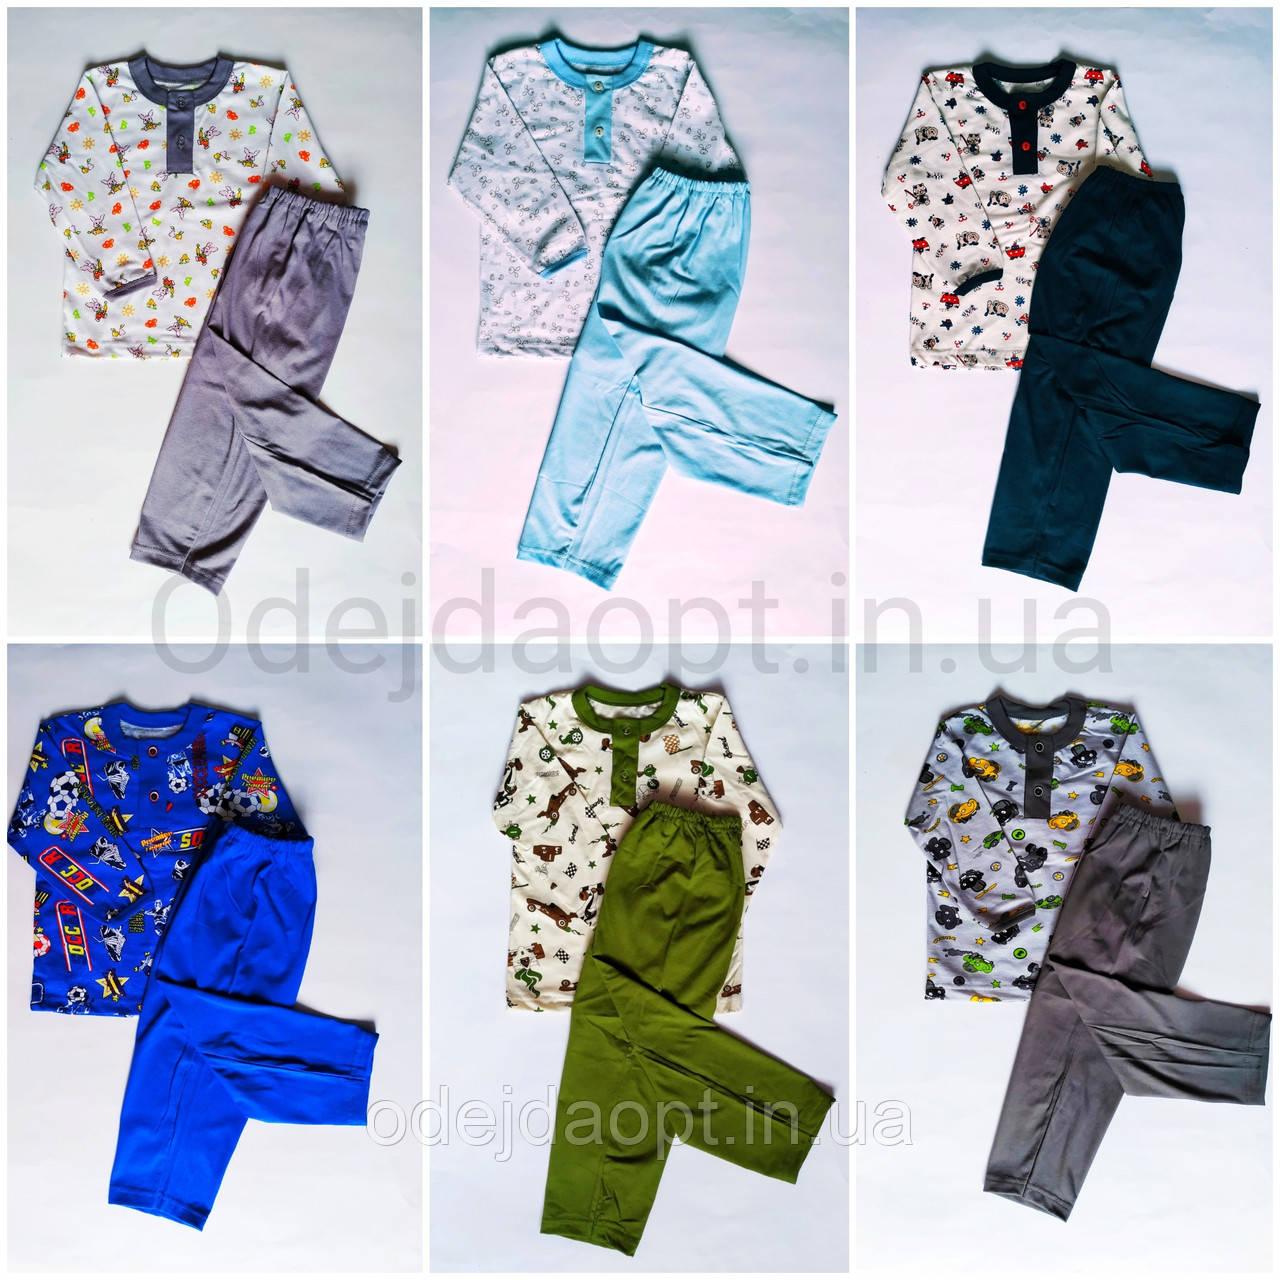 Пижама для мальчика 1,2,3,4,5,6,7,8,9,10,11,12,13 лет